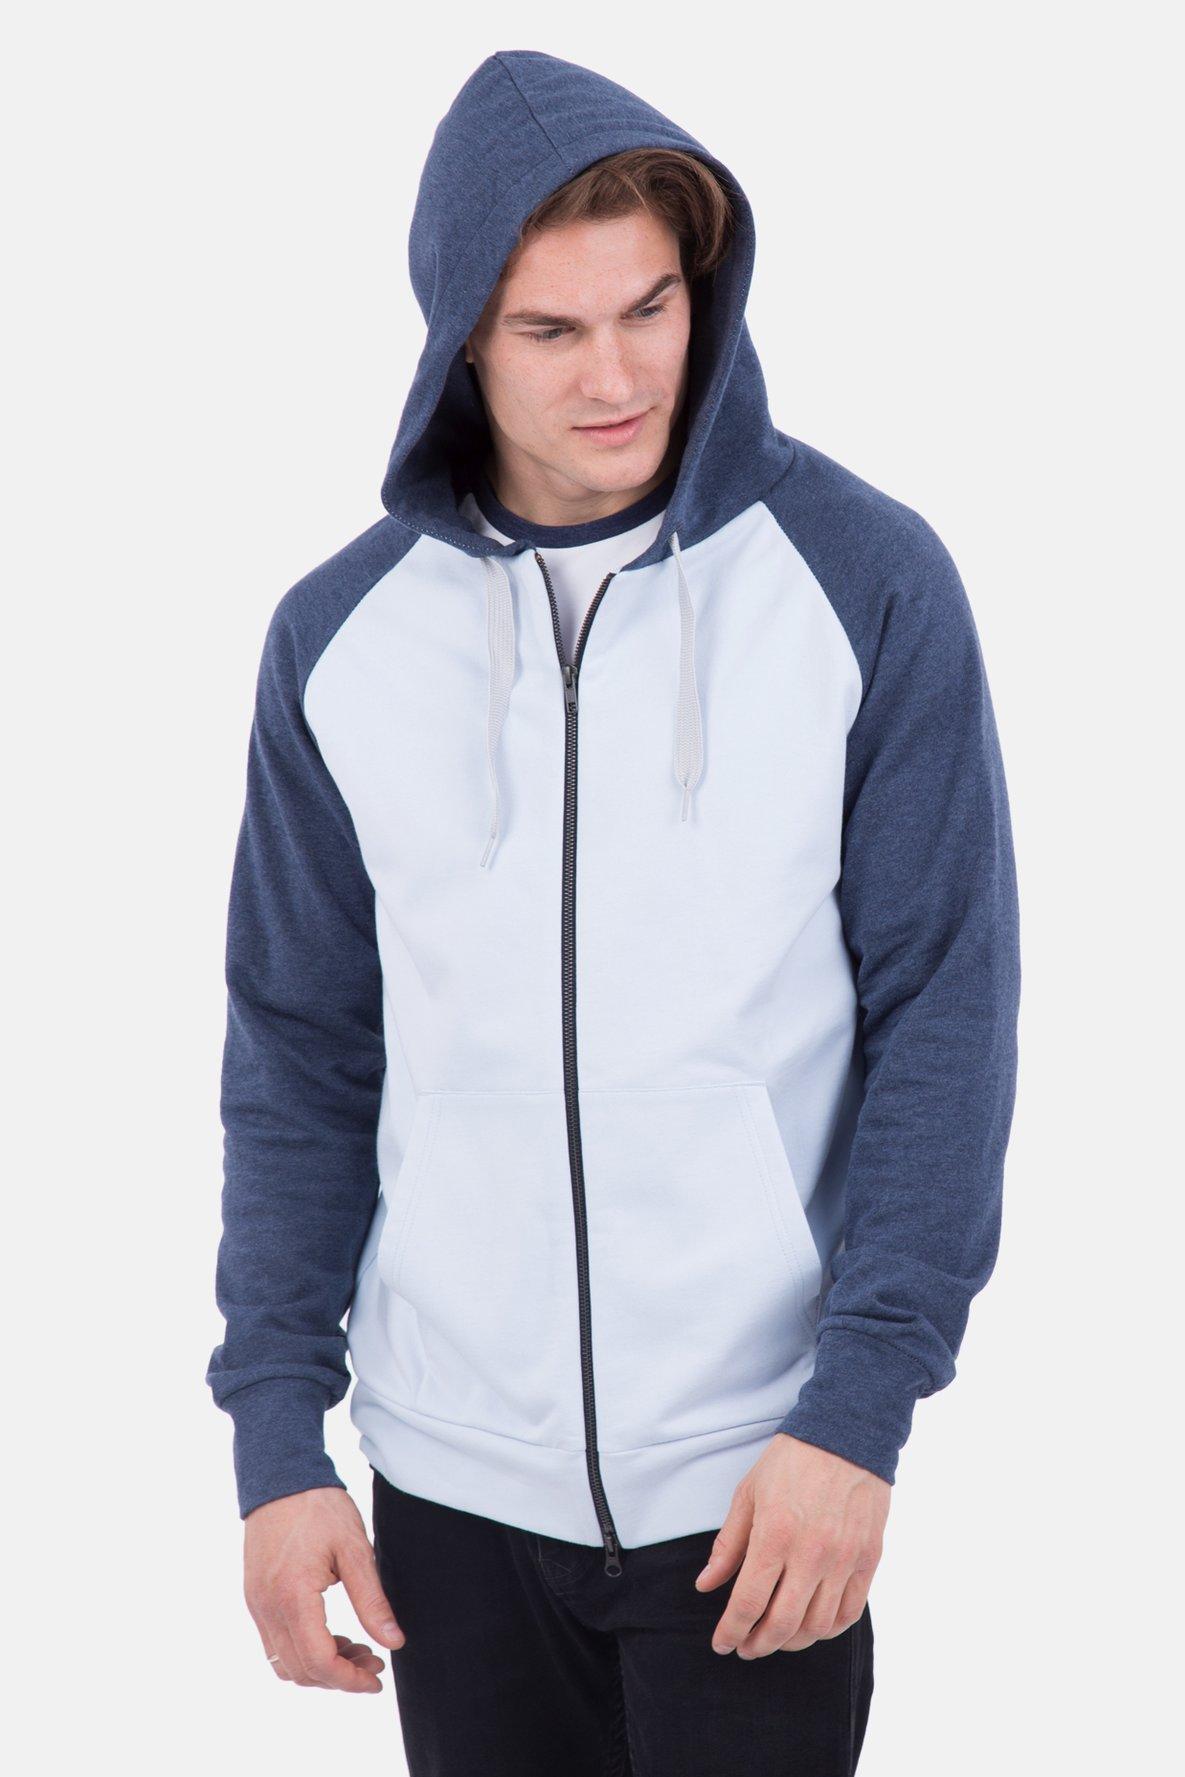 best website 4c1f0 80007 Sewing pattern Zip-up Hoodie Jordan